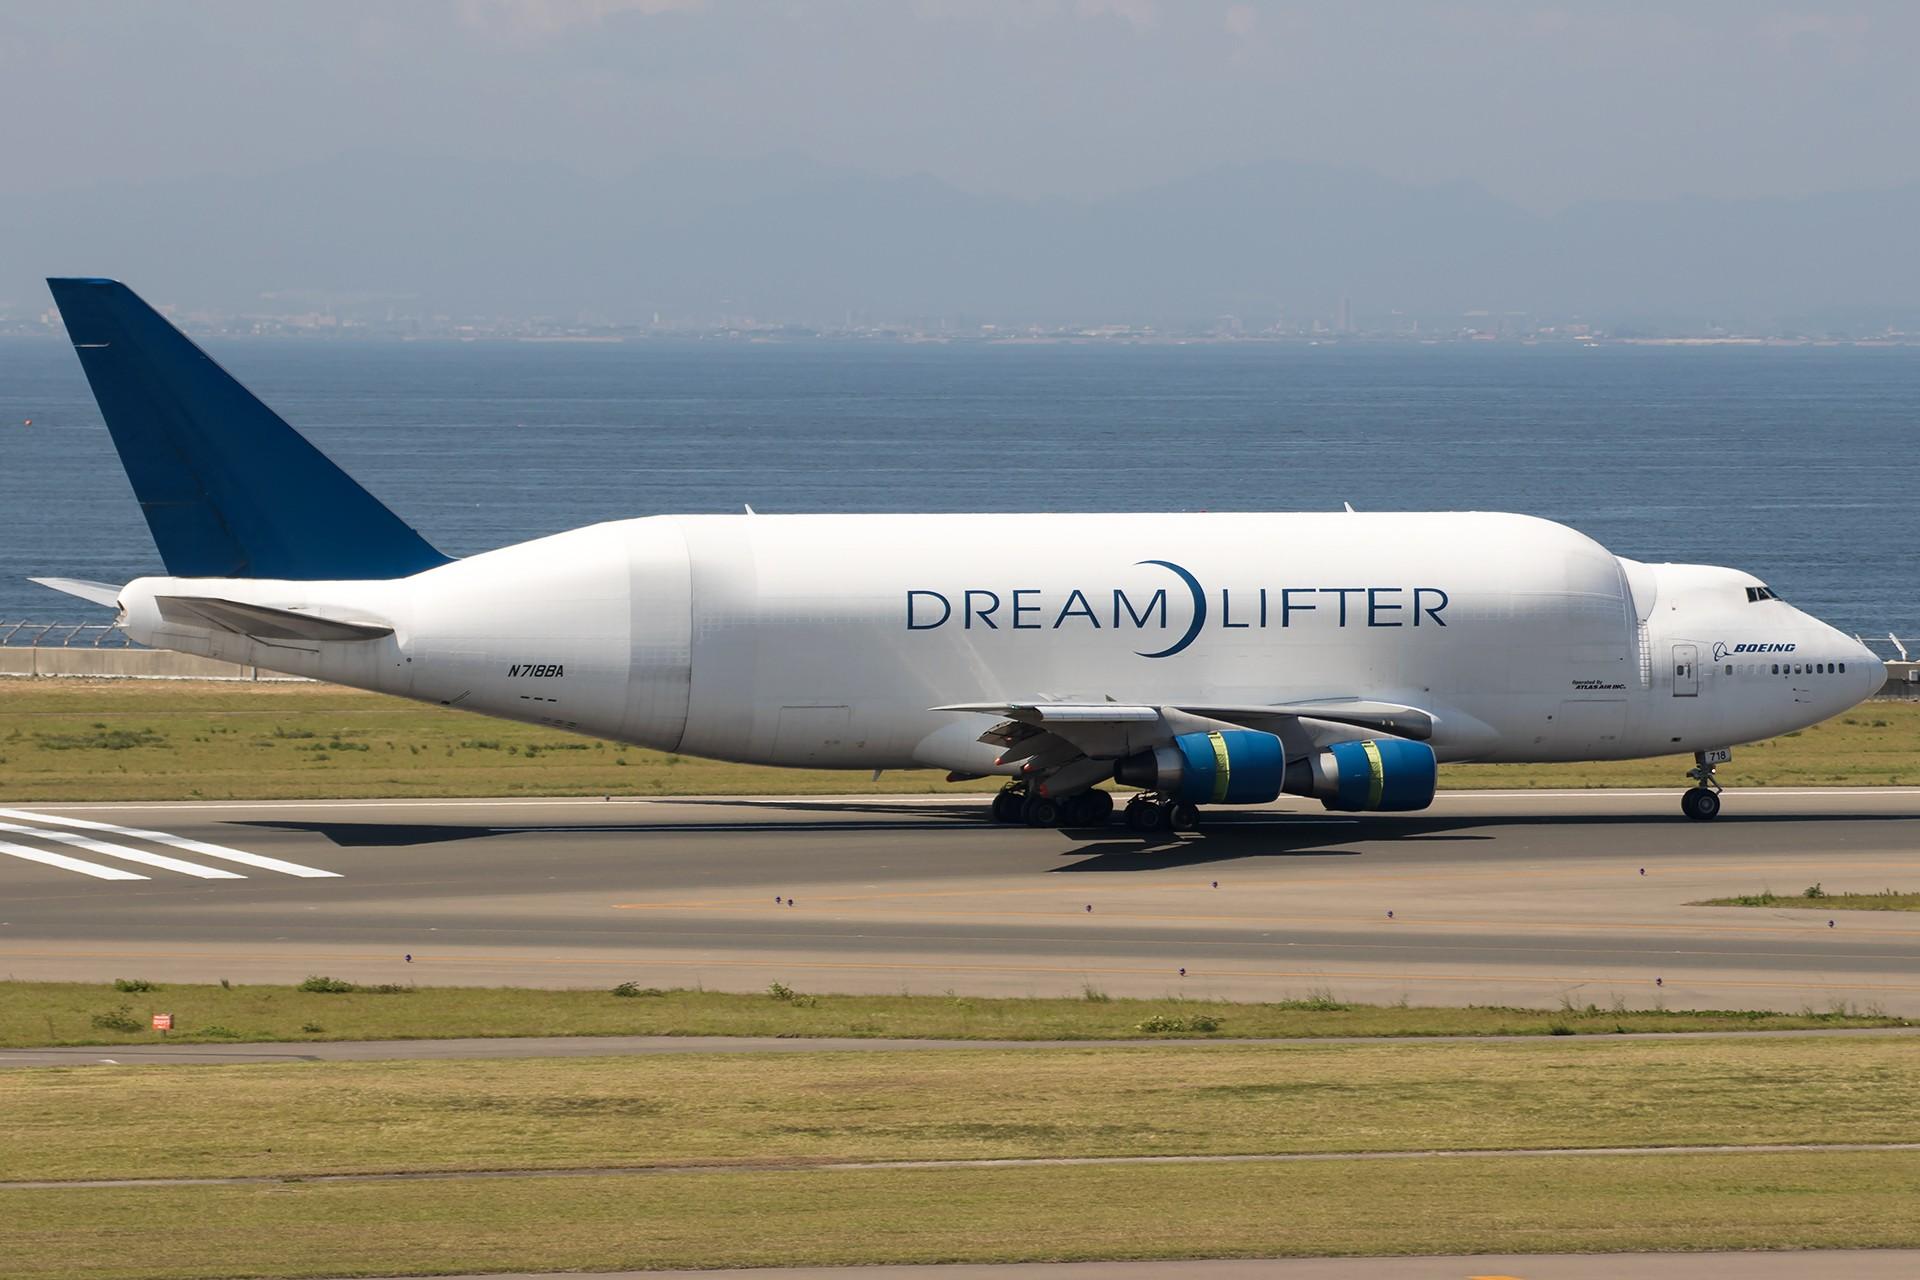 Re:[原创]【1920/1800】魅力名古屋,魅力新特里亚。——名古屋拍机组图(1) BOEING 747-4H6(LCF) DREAMLIFTER N718BA 日本名古屋中部/新特丽亚机场